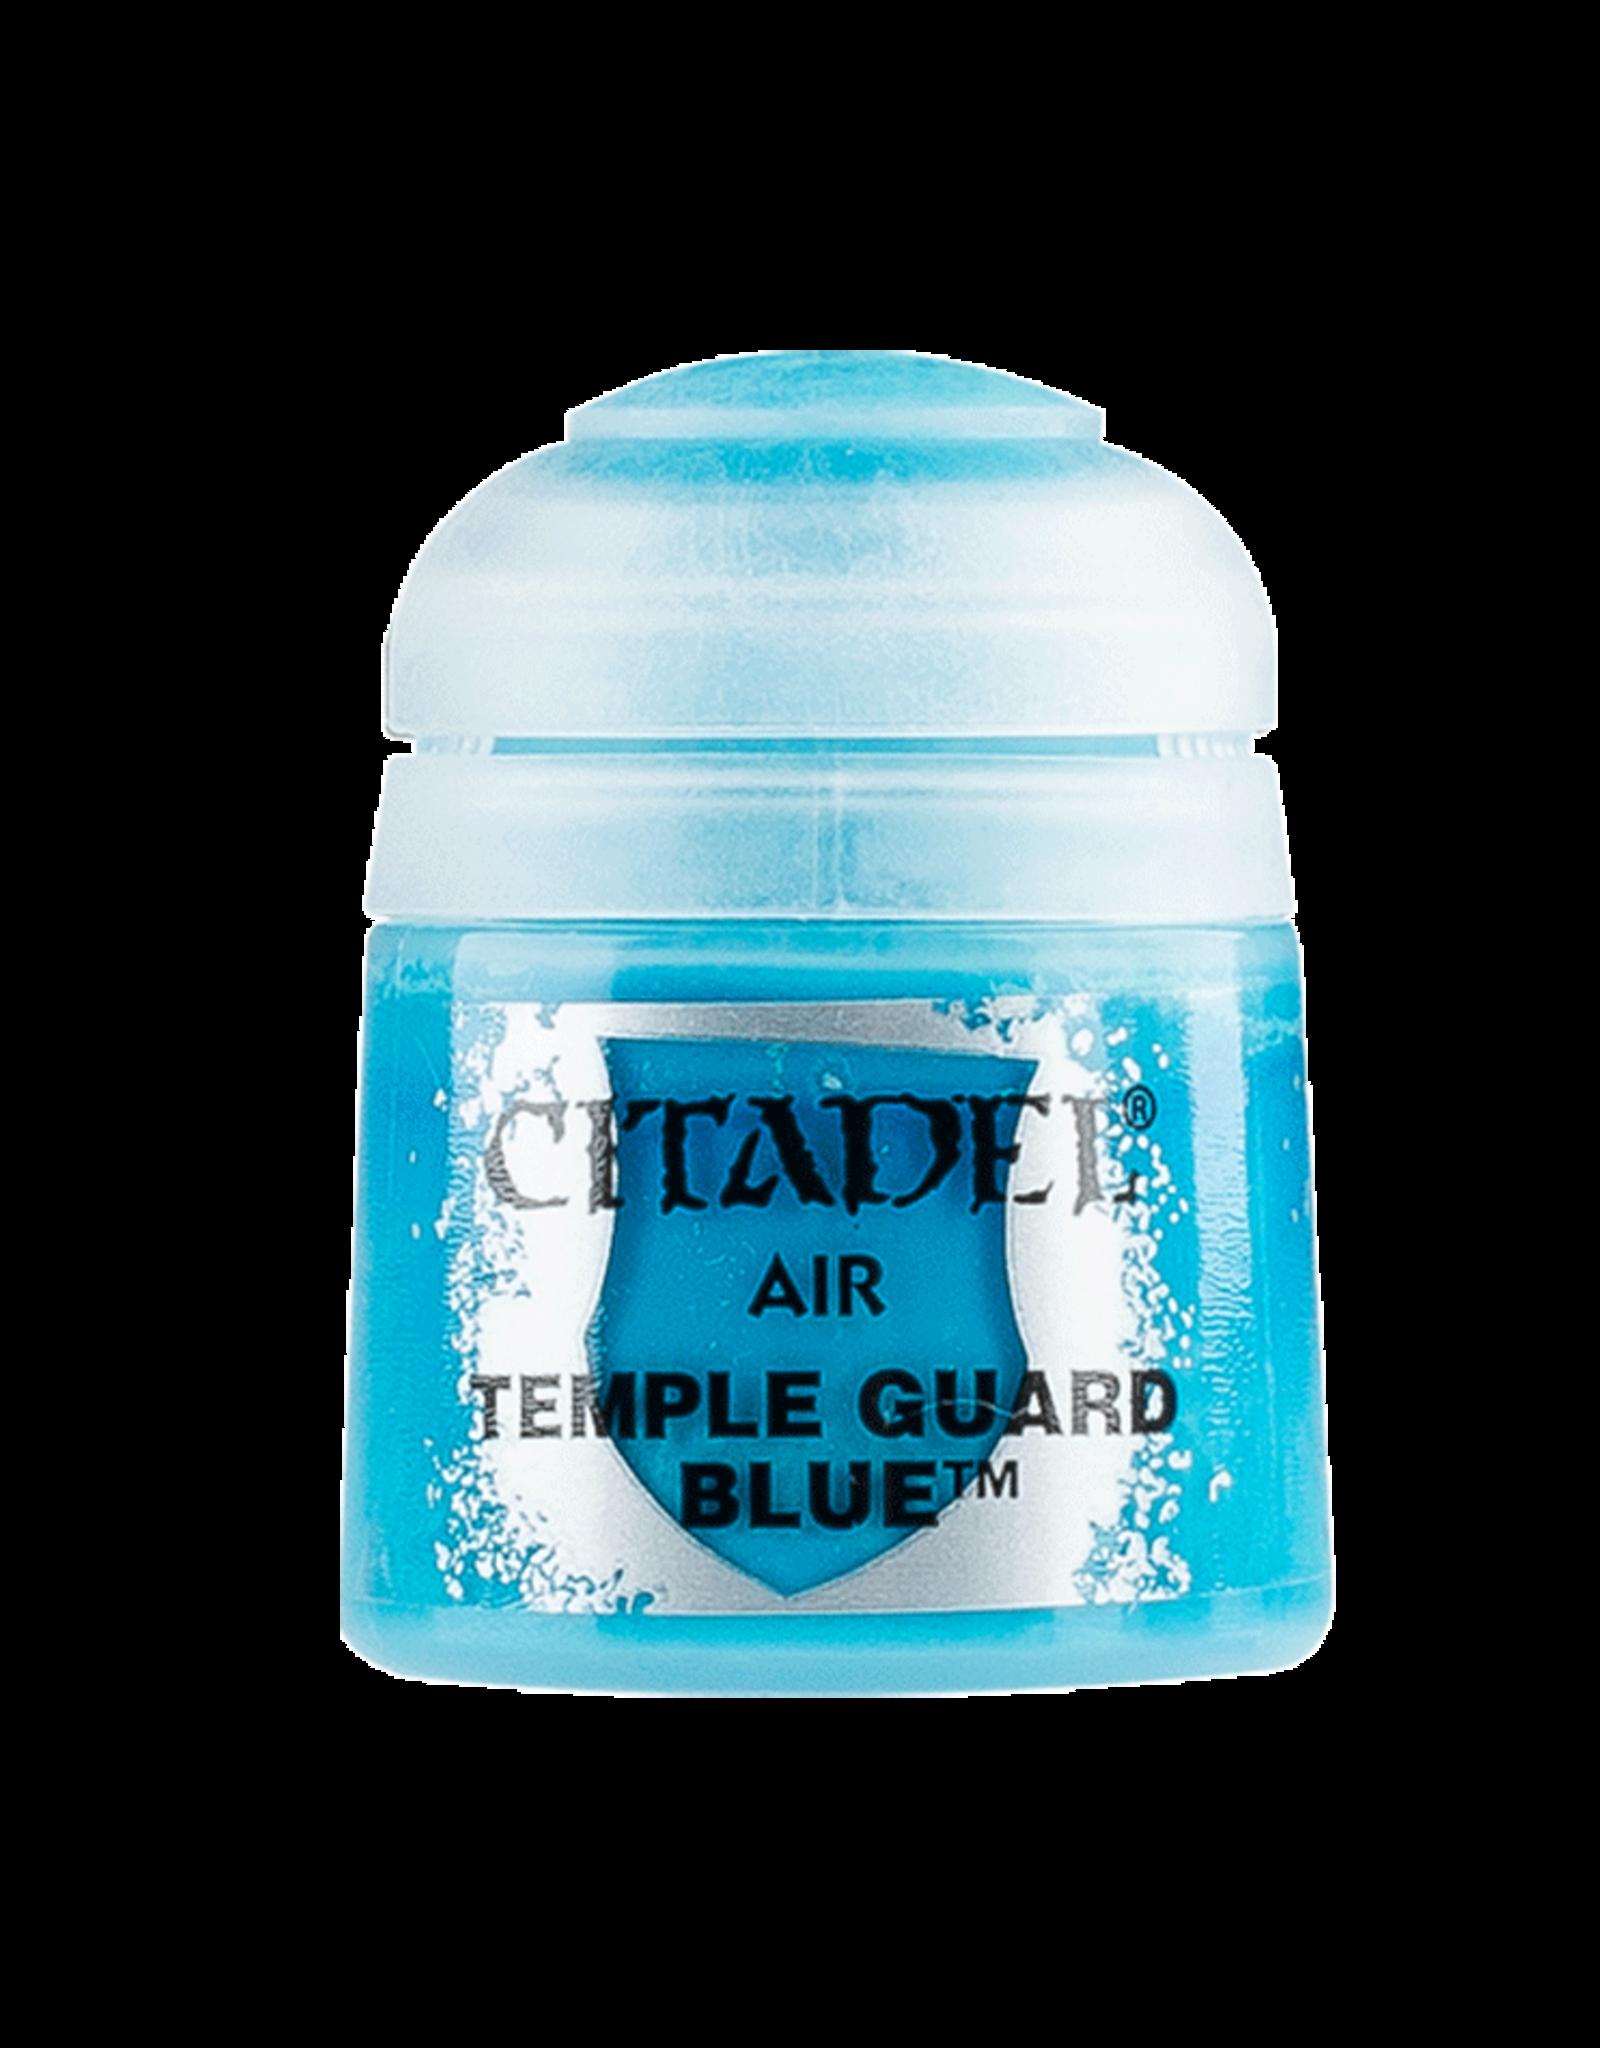 Citadel Citadel Air: Temple Guard Blue (24ml)